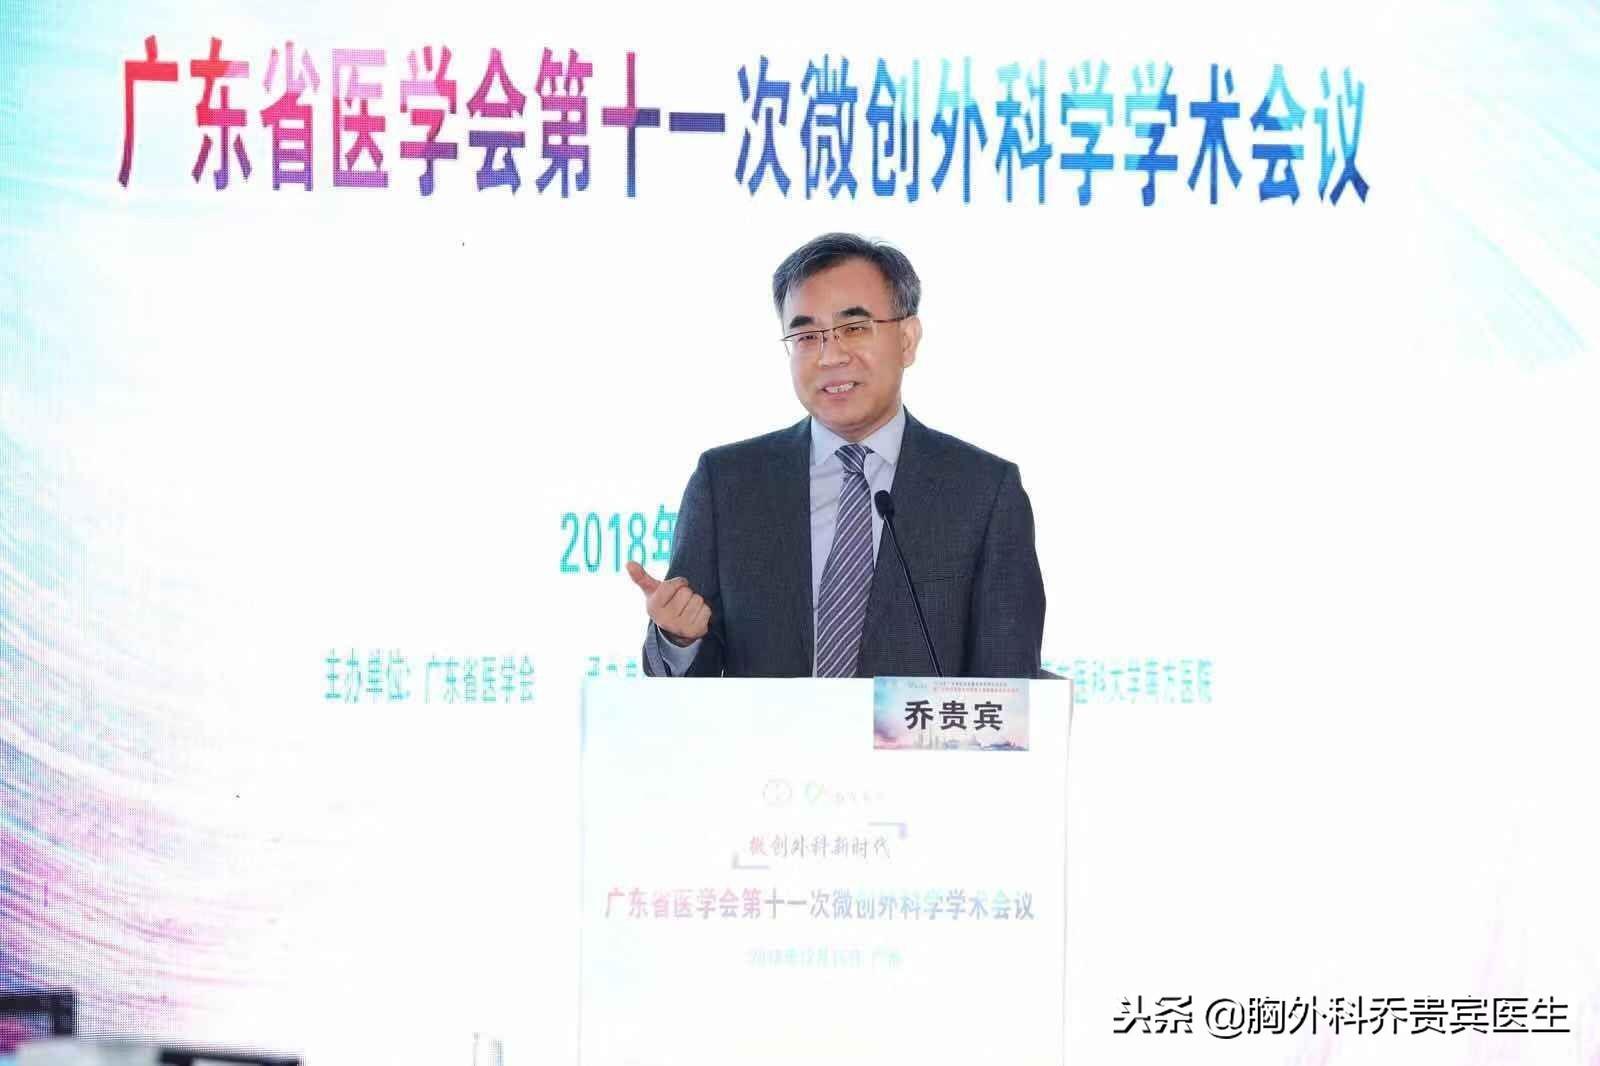 昨天,今天两个换届大会,当选为广东省医师 - 第1张  | 网络大咖